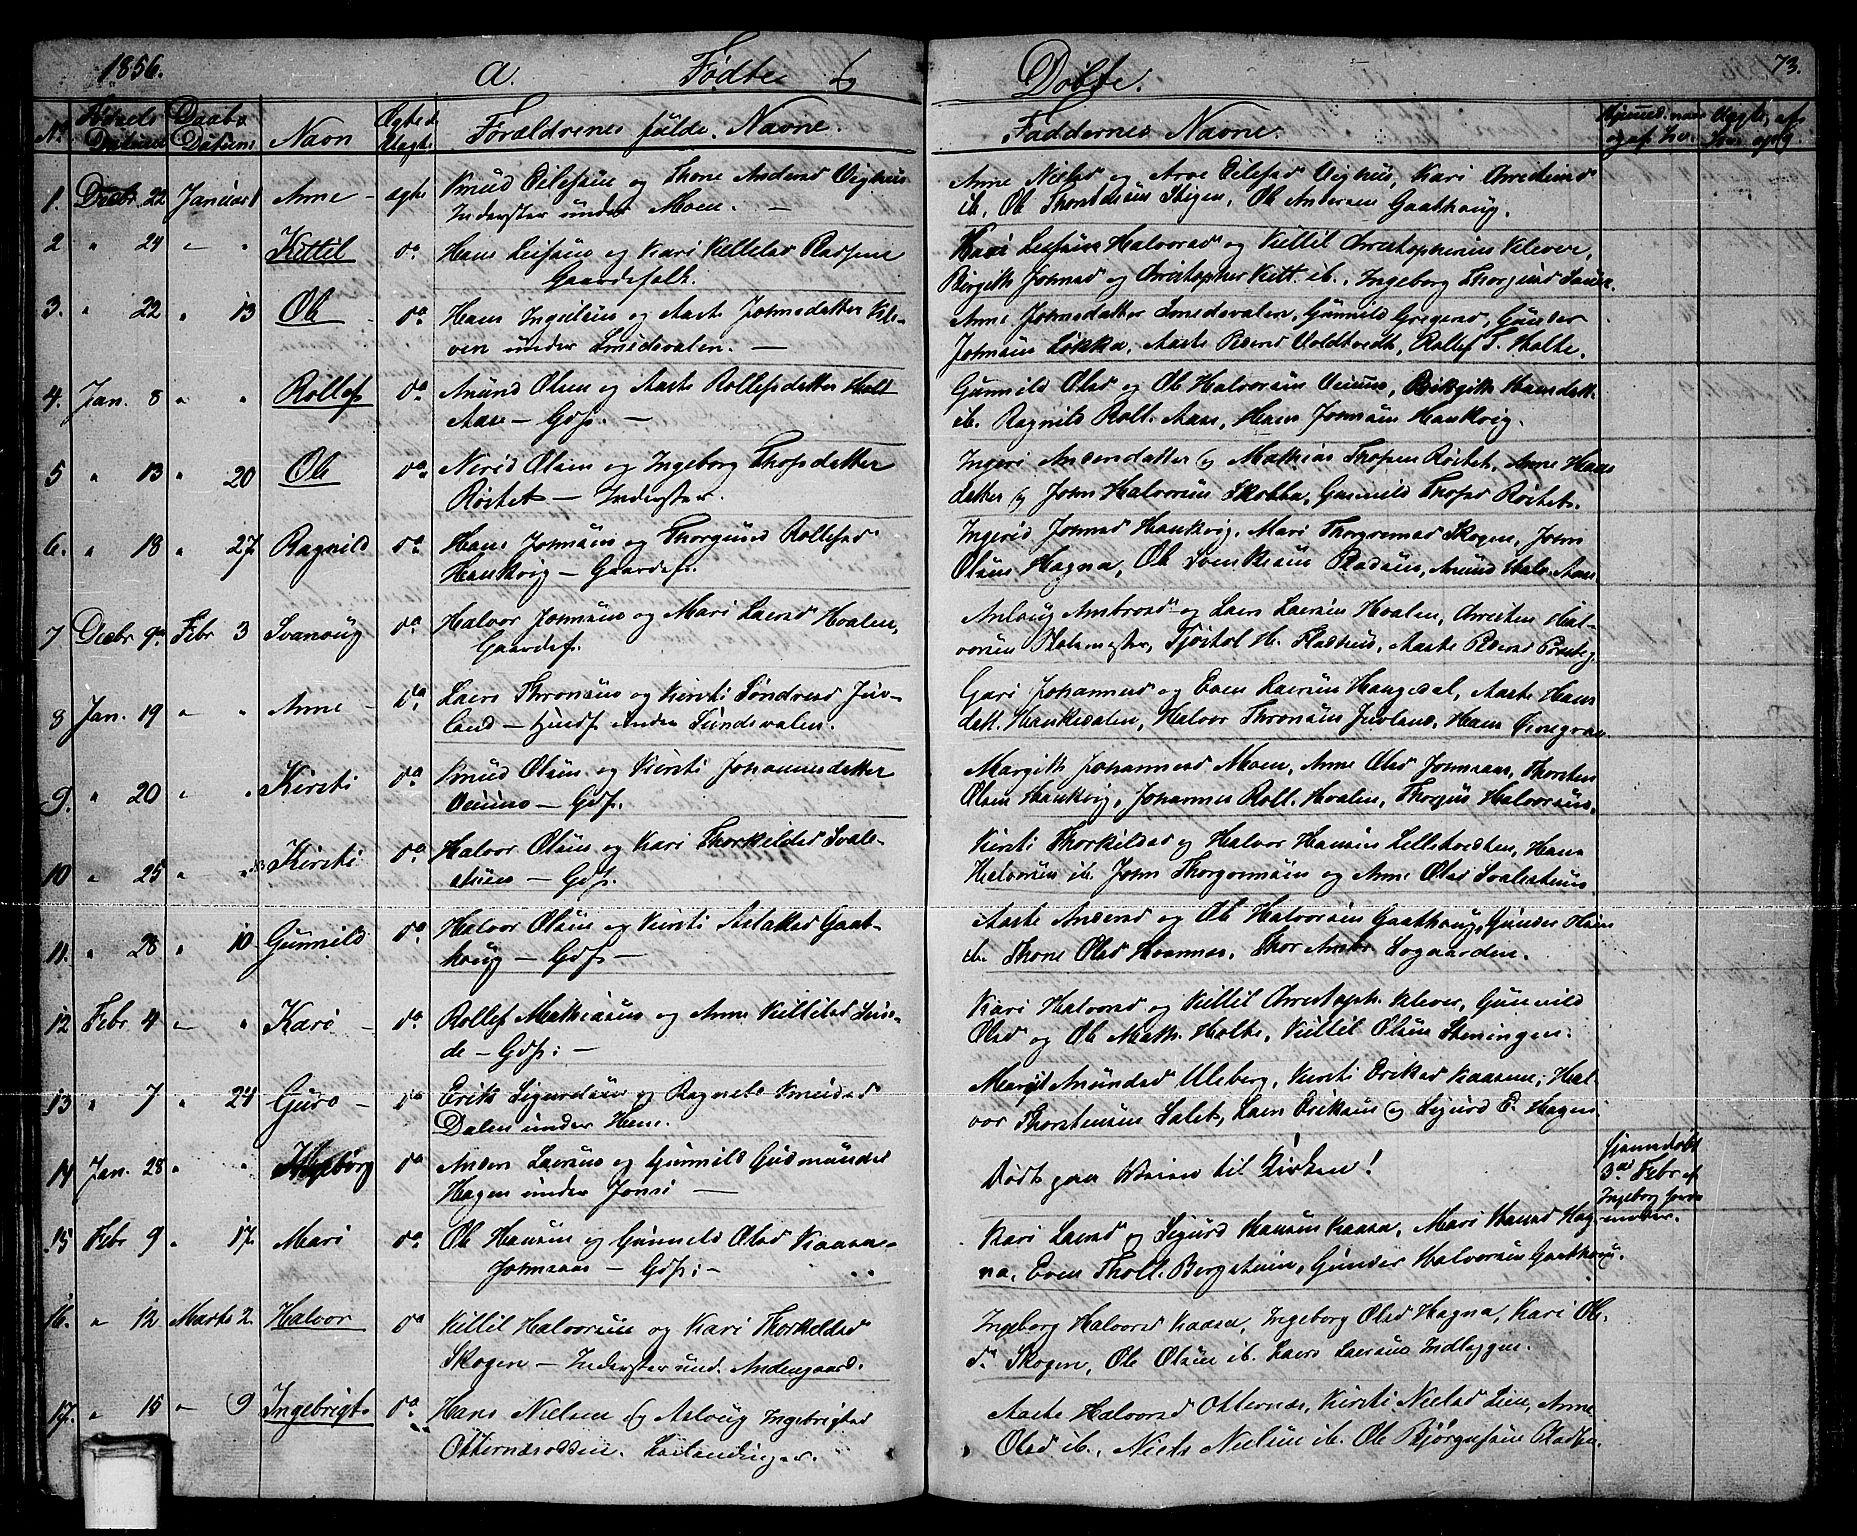 SAKO, Sauherad kirkebøker, G/Ga/L0002: Klokkerbok nr. I 2, 1842-1866, s. 73